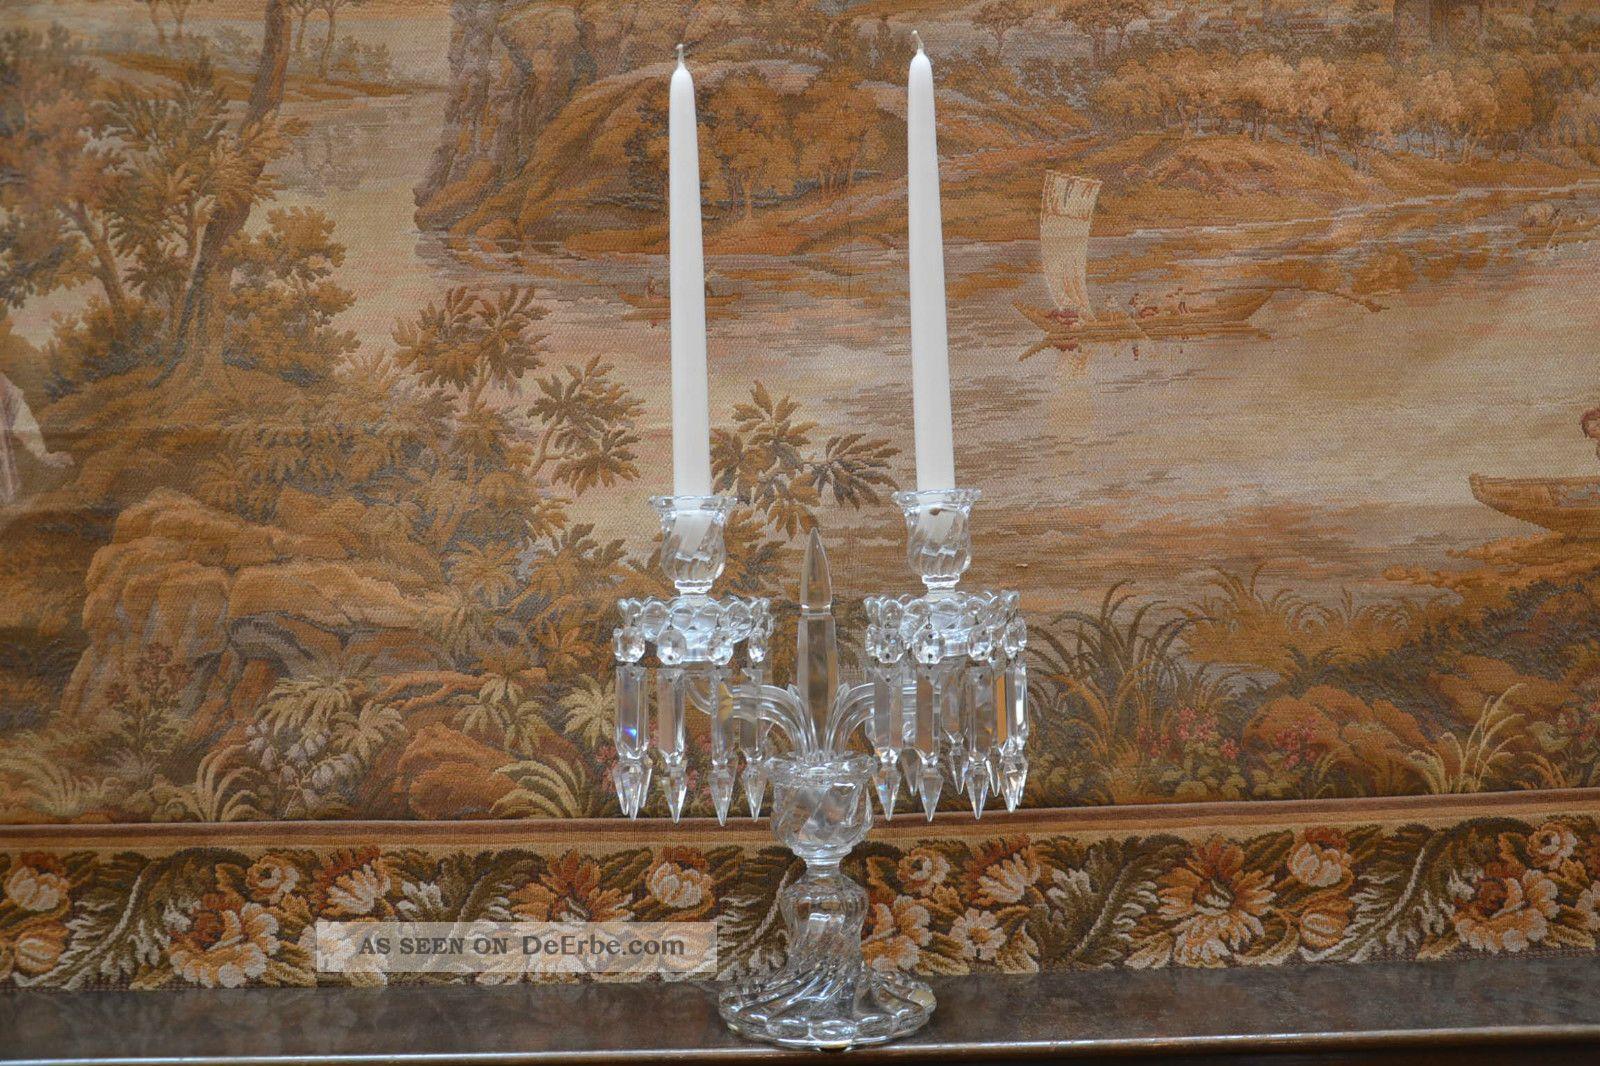 baccarat france kerzenleuchter 2 armig kristall 32 cm hoch hanarbeit top. Black Bedroom Furniture Sets. Home Design Ideas